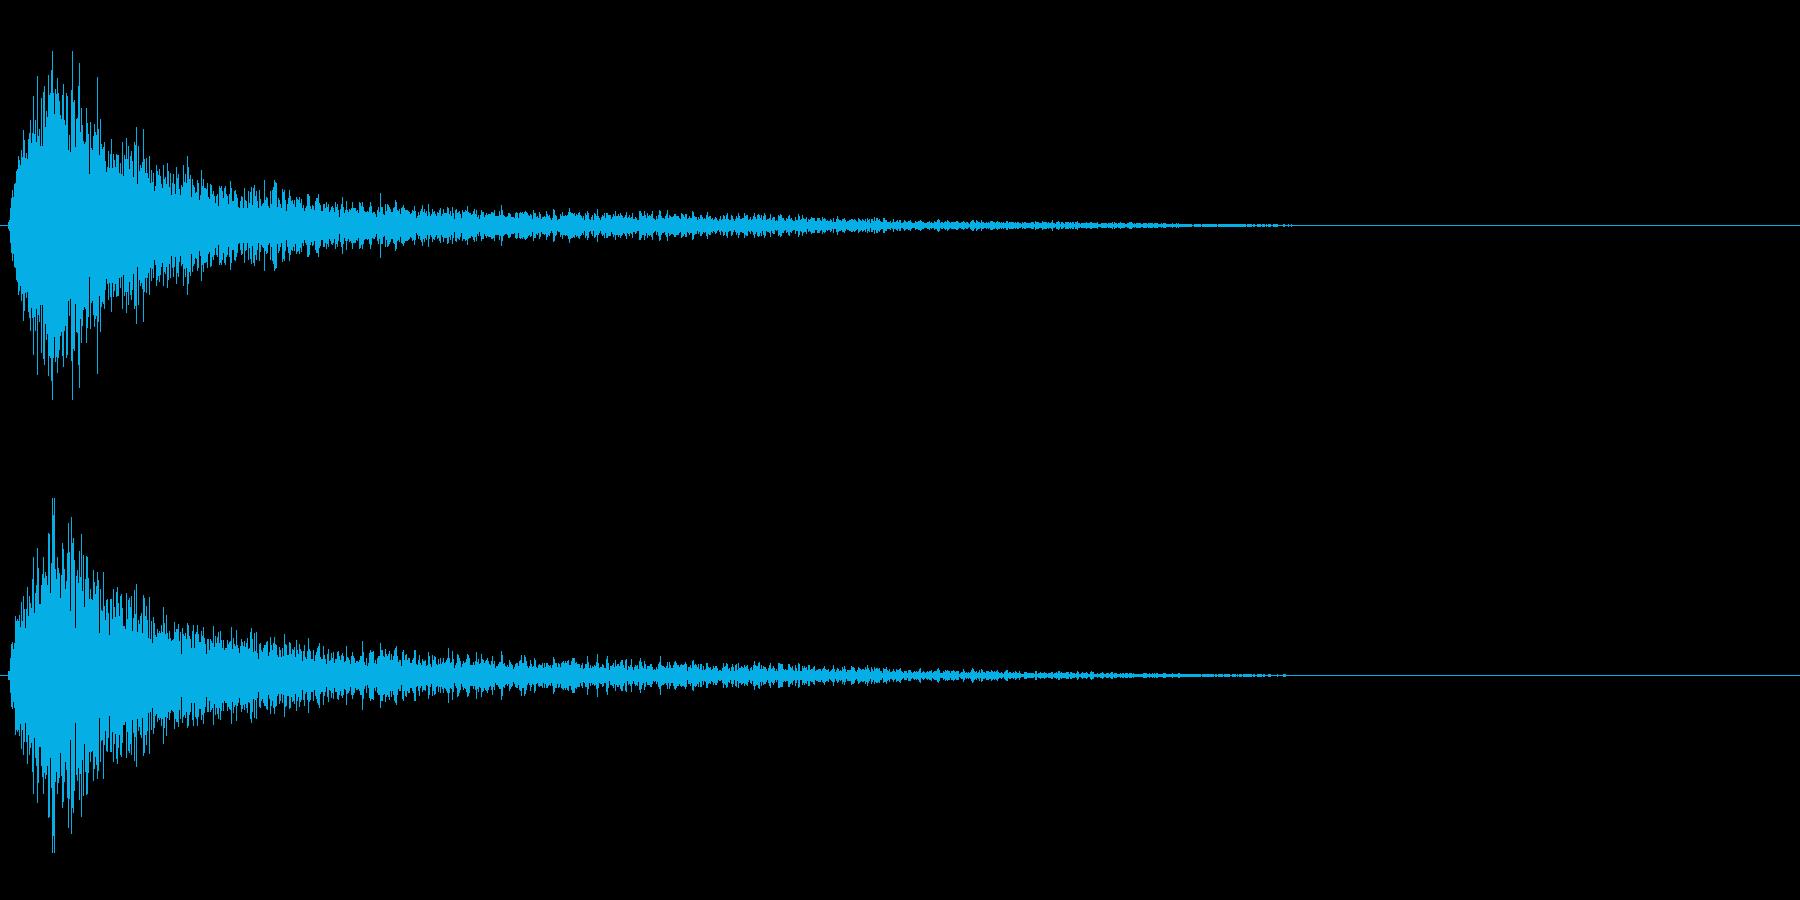 失敗/ガーン/金属音/残念の再生済みの波形